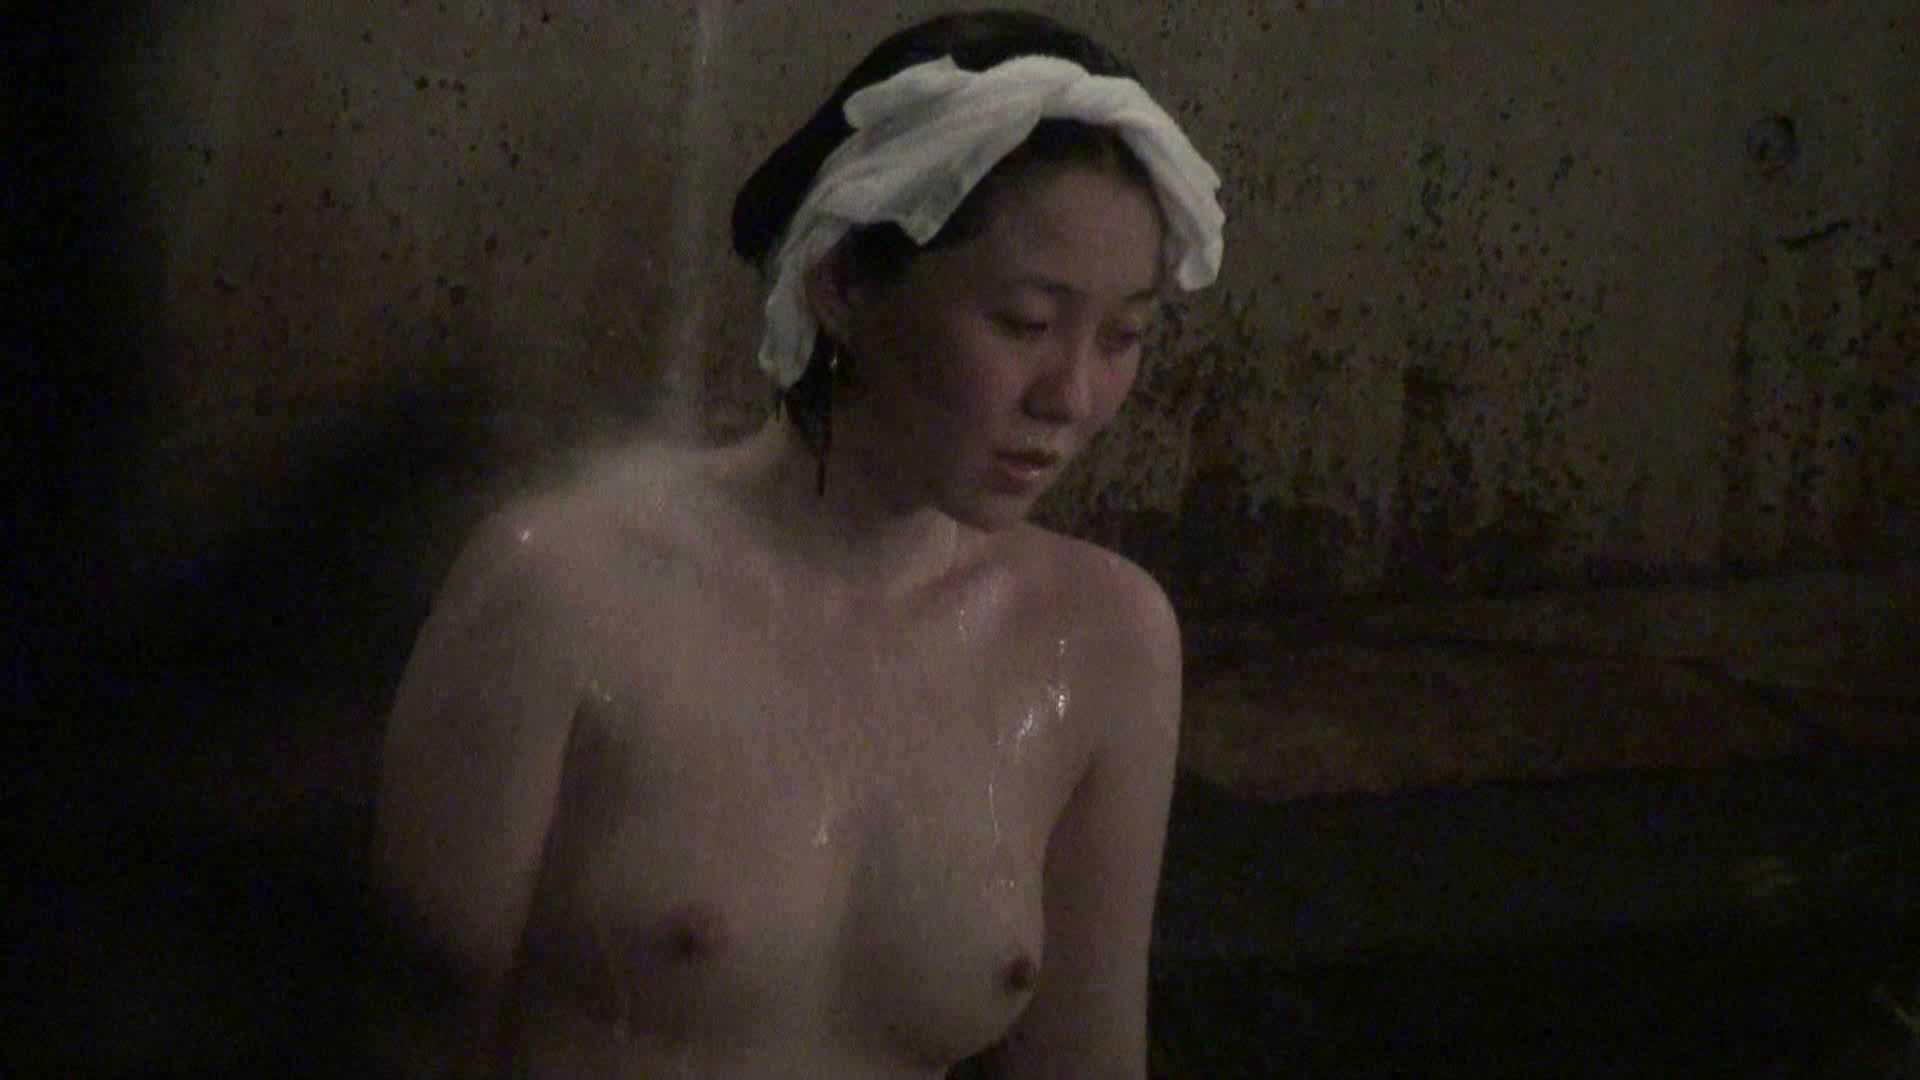 Aquaな露天風呂Vol.322 OLのエロ生活 | 盗撮  42連発 34